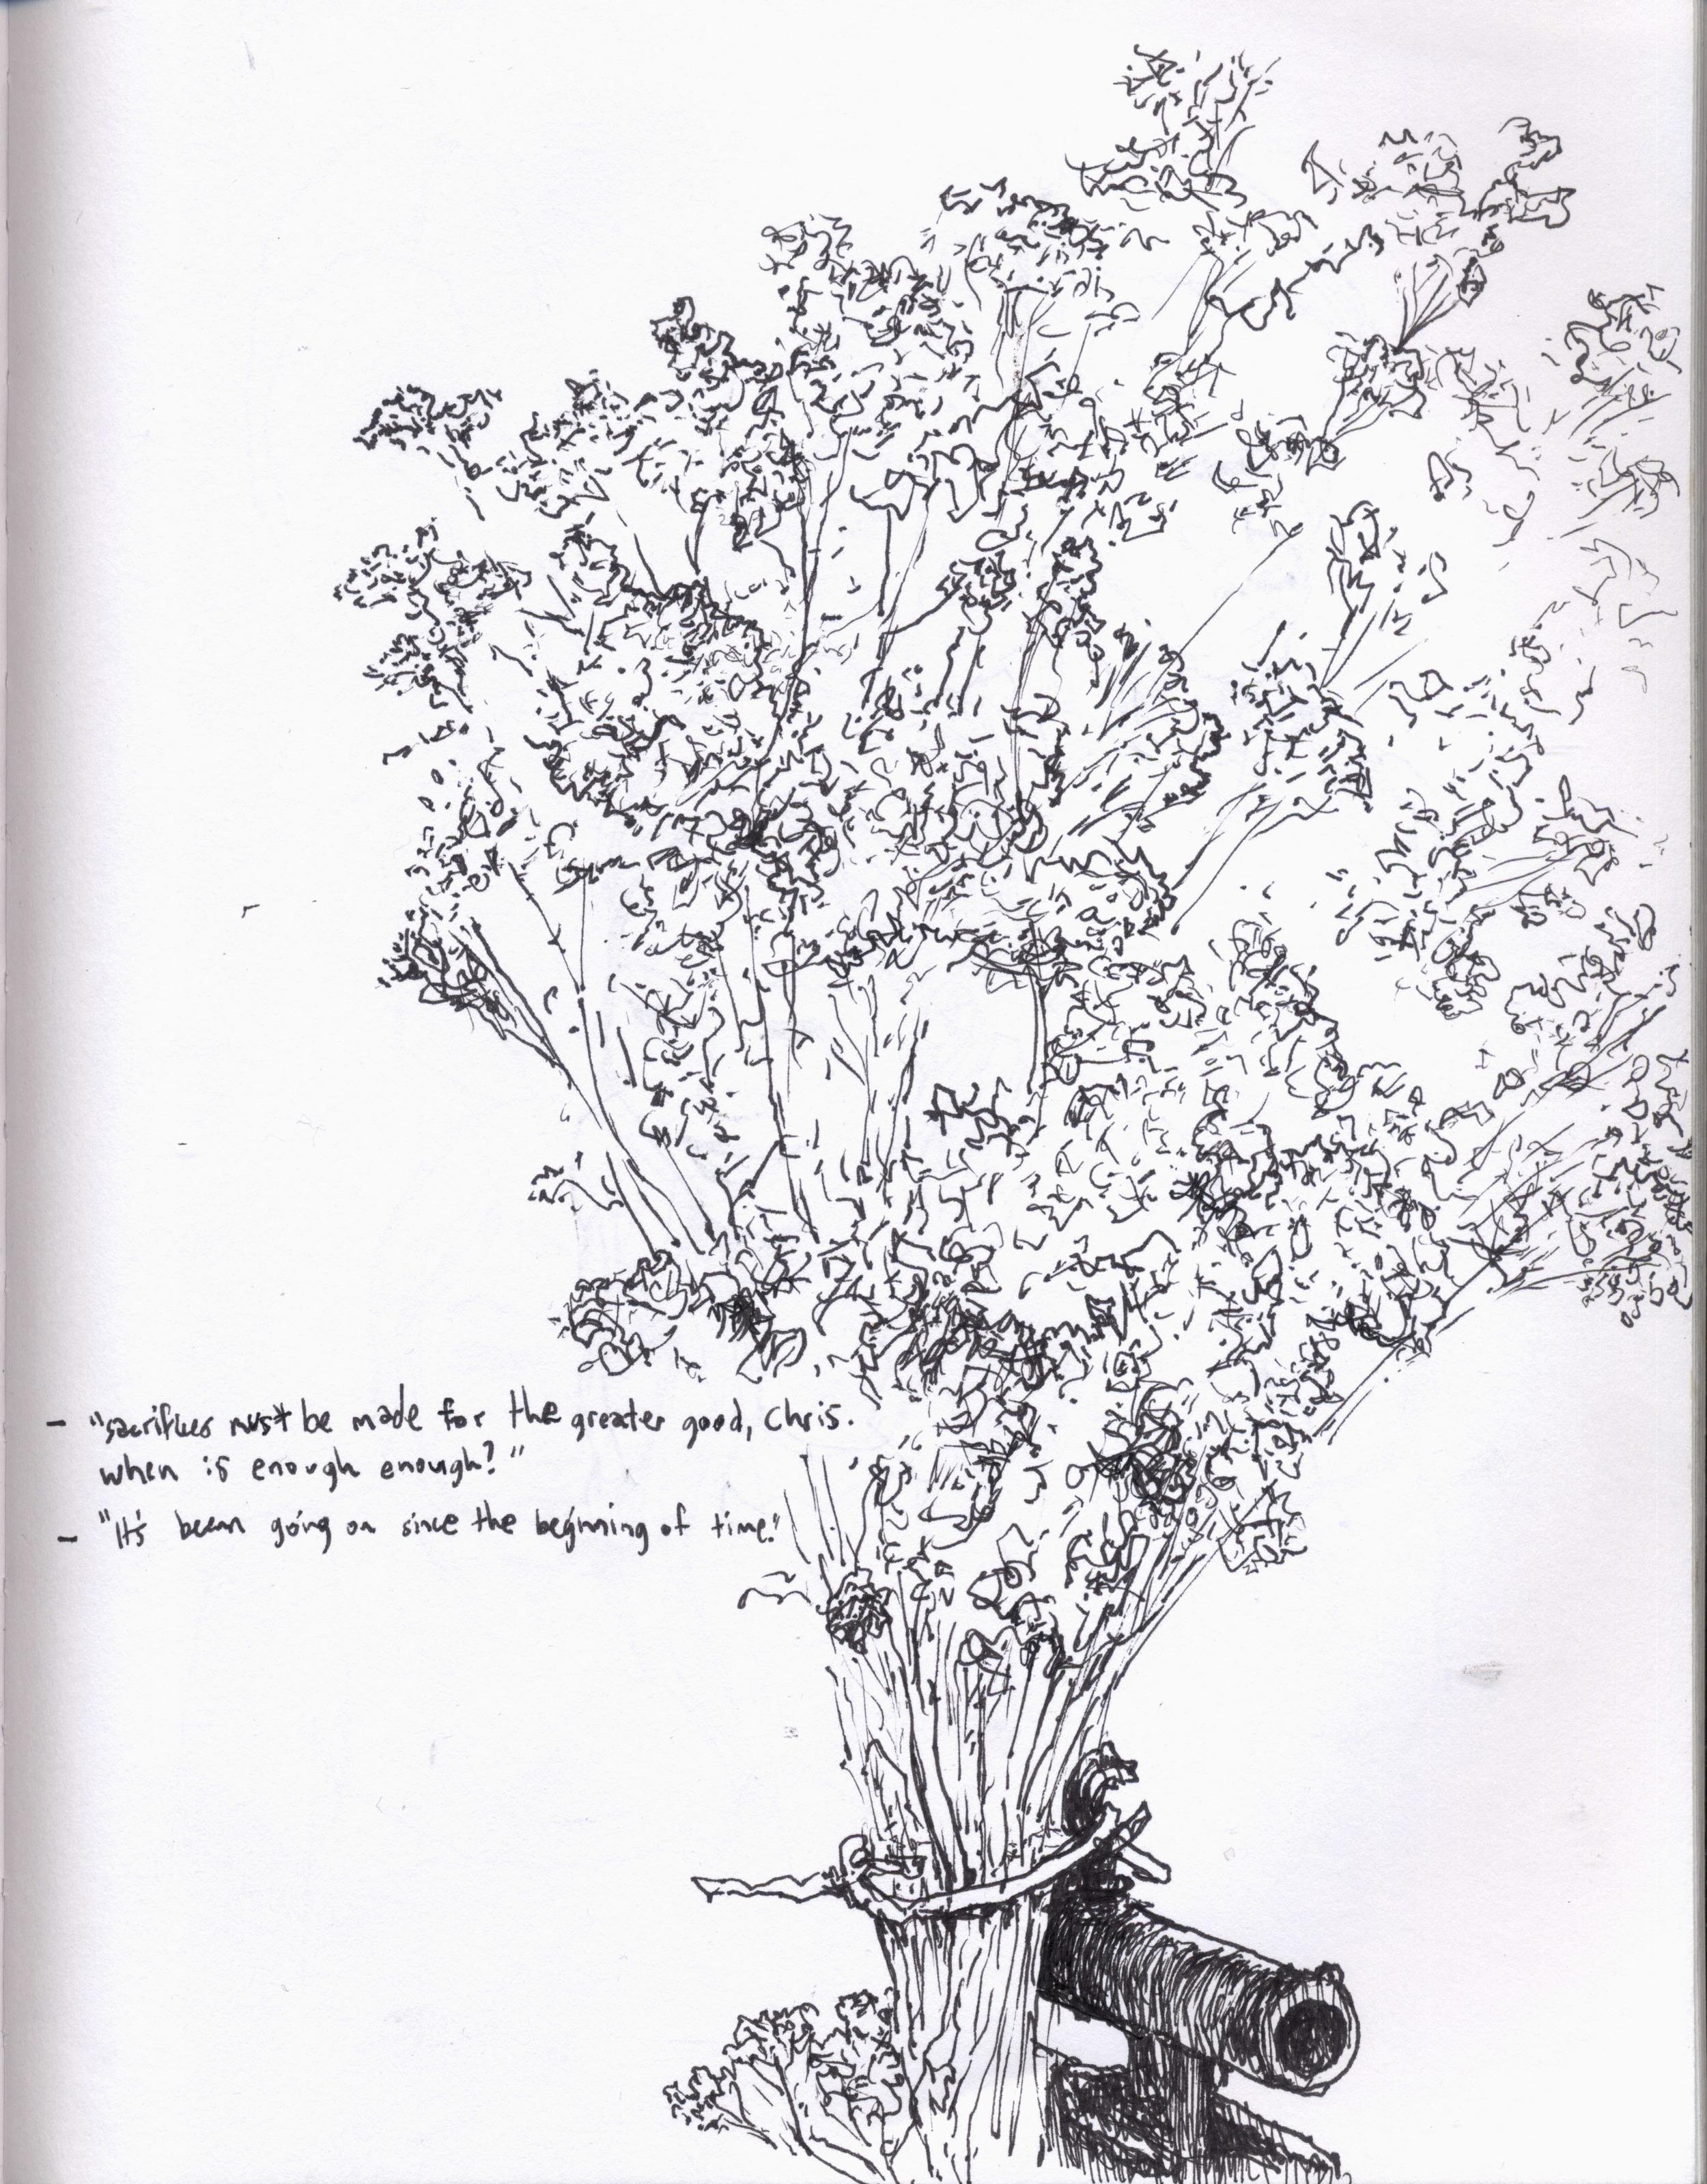 36-38.jpg